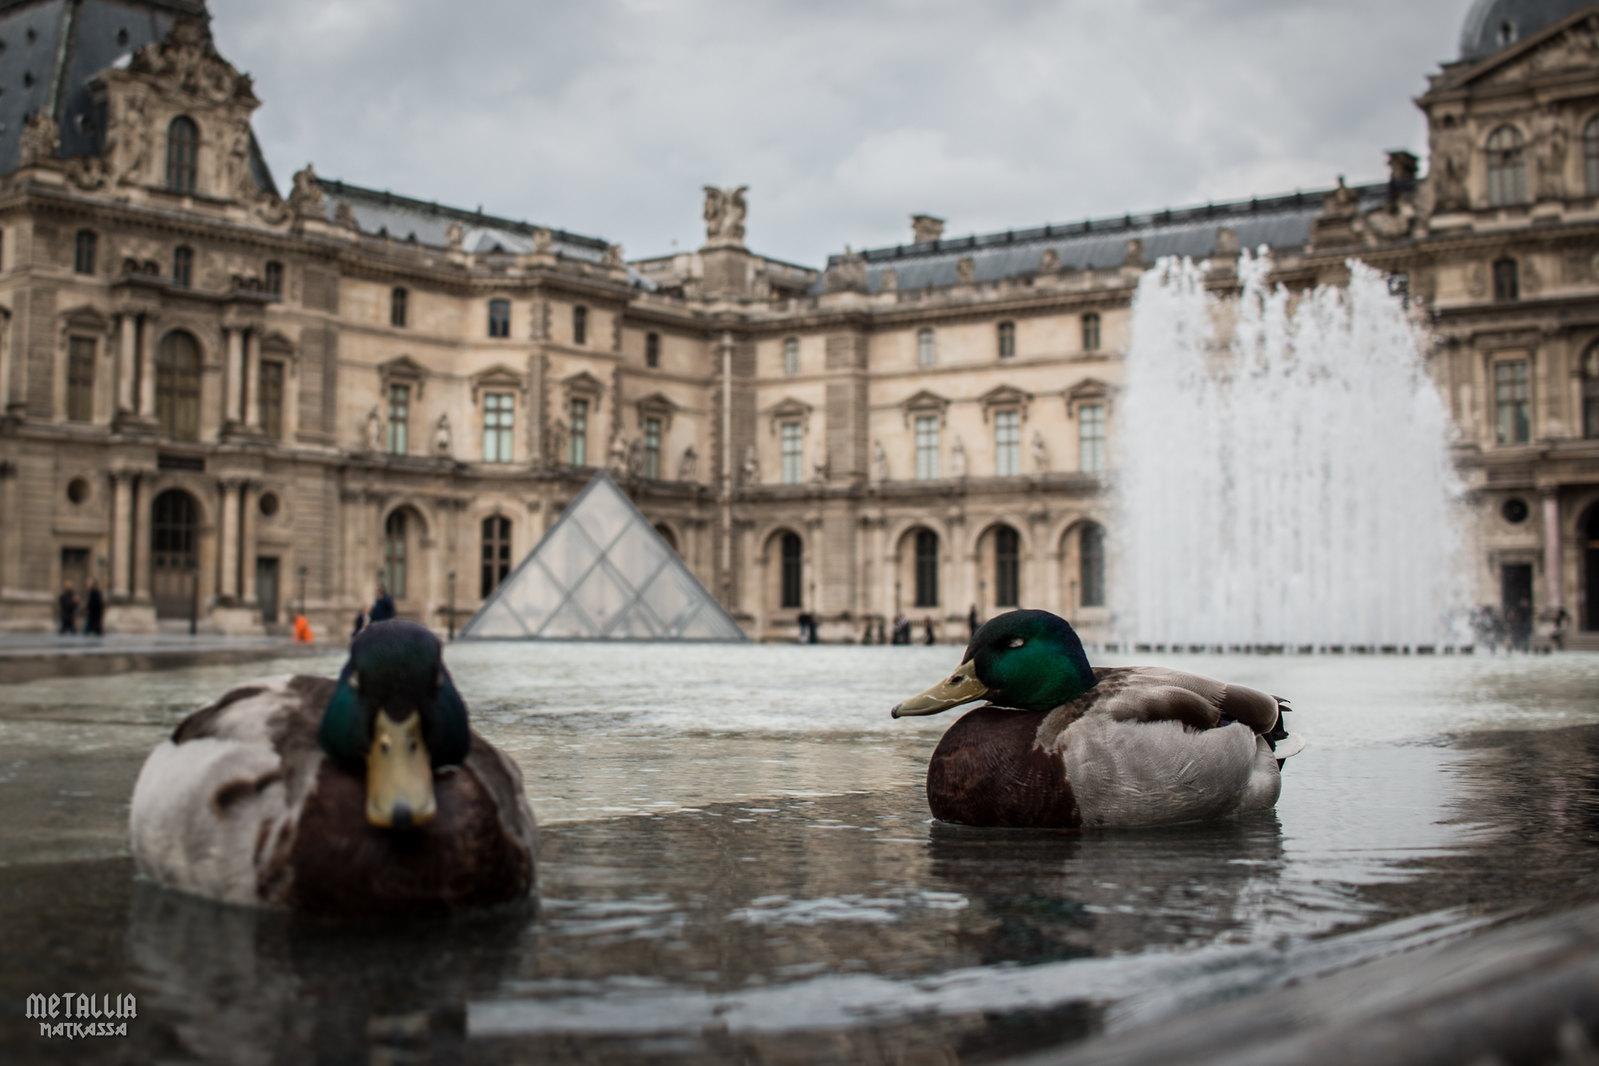 sights in paris, pariisin nähtävyydet, louvre